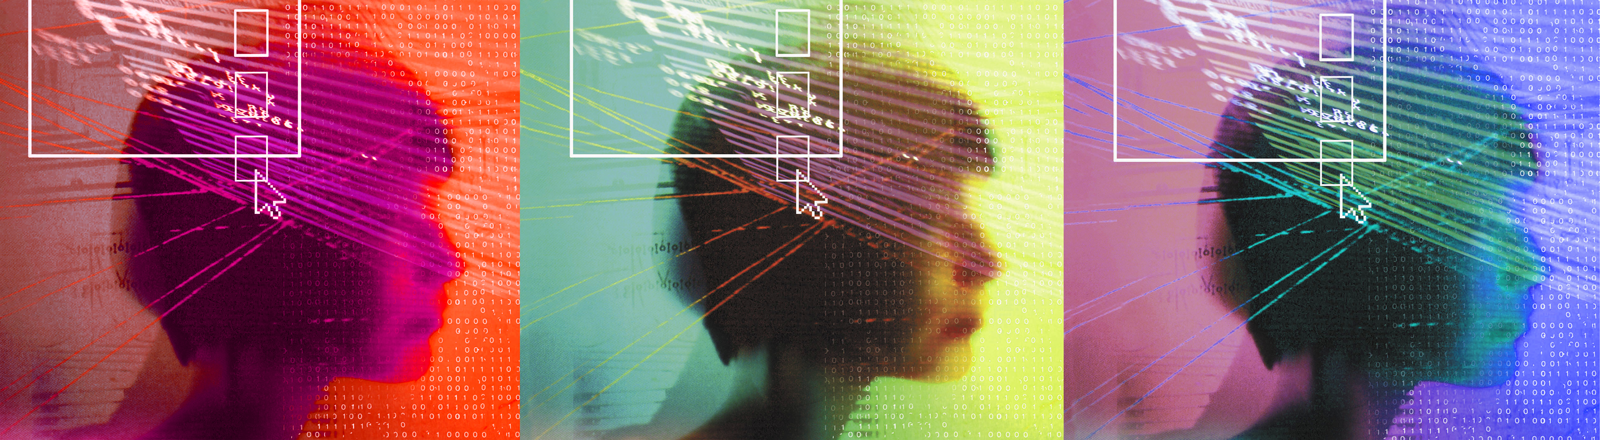 Kopf einer Frau mit digitalen Daten (Symbolbild)